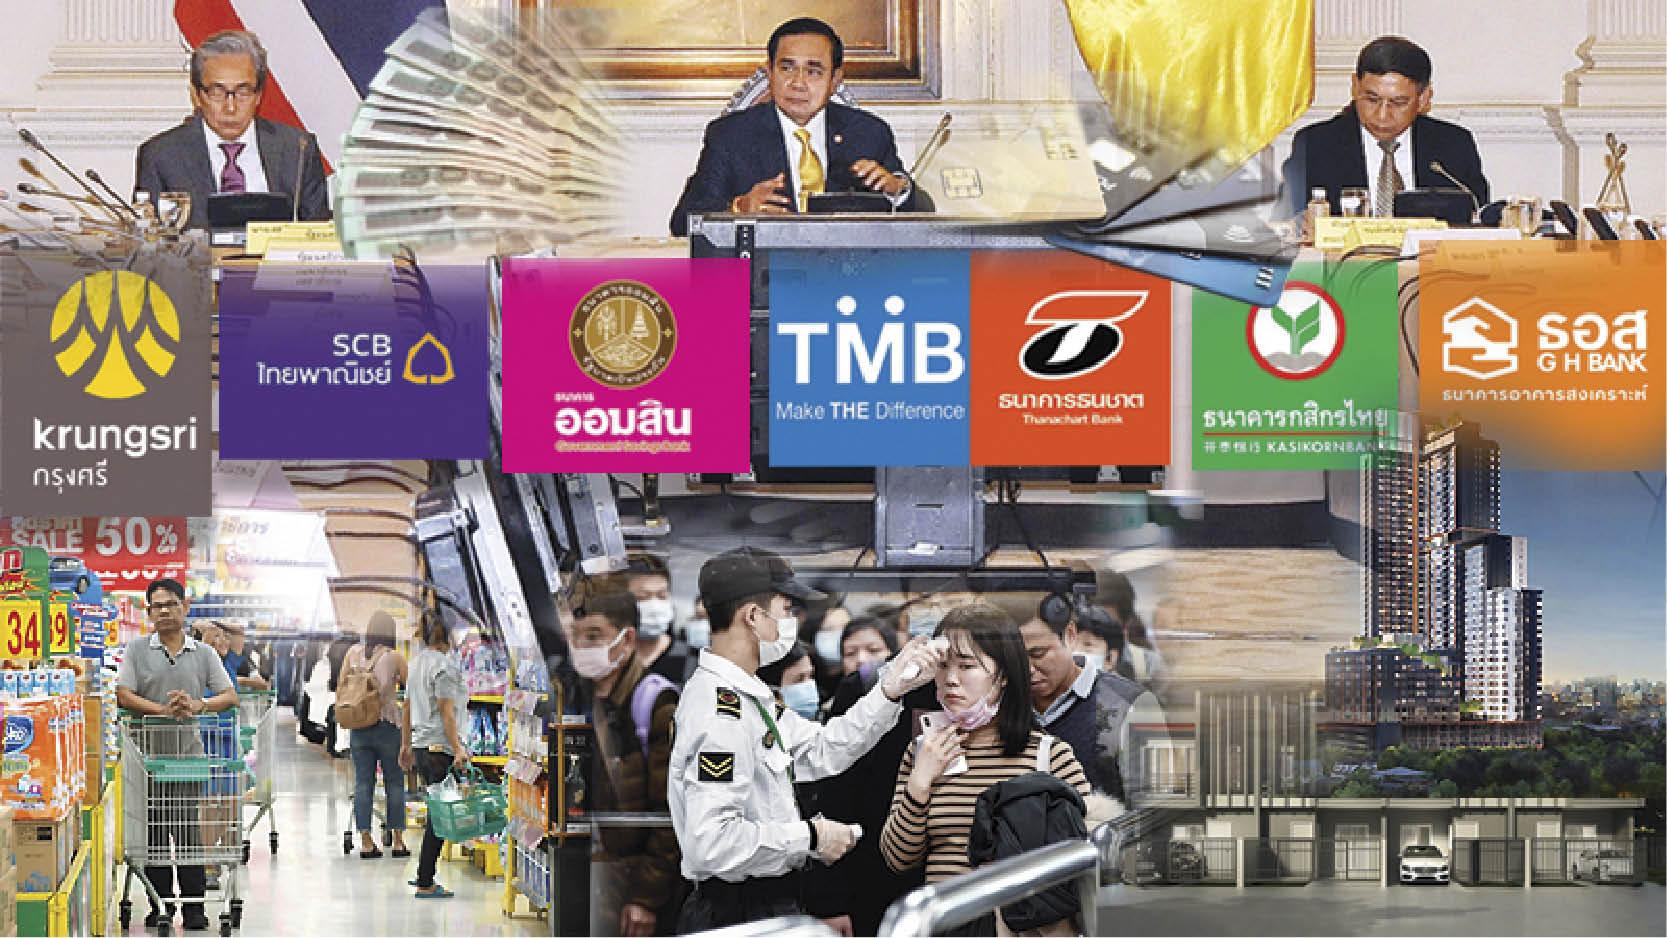 เปิดมาตรการธนาคารรัฐ-พาณิชย์ ช่วยพยุงลูกค้าฝ่าวิกฤต'โควิด-19'